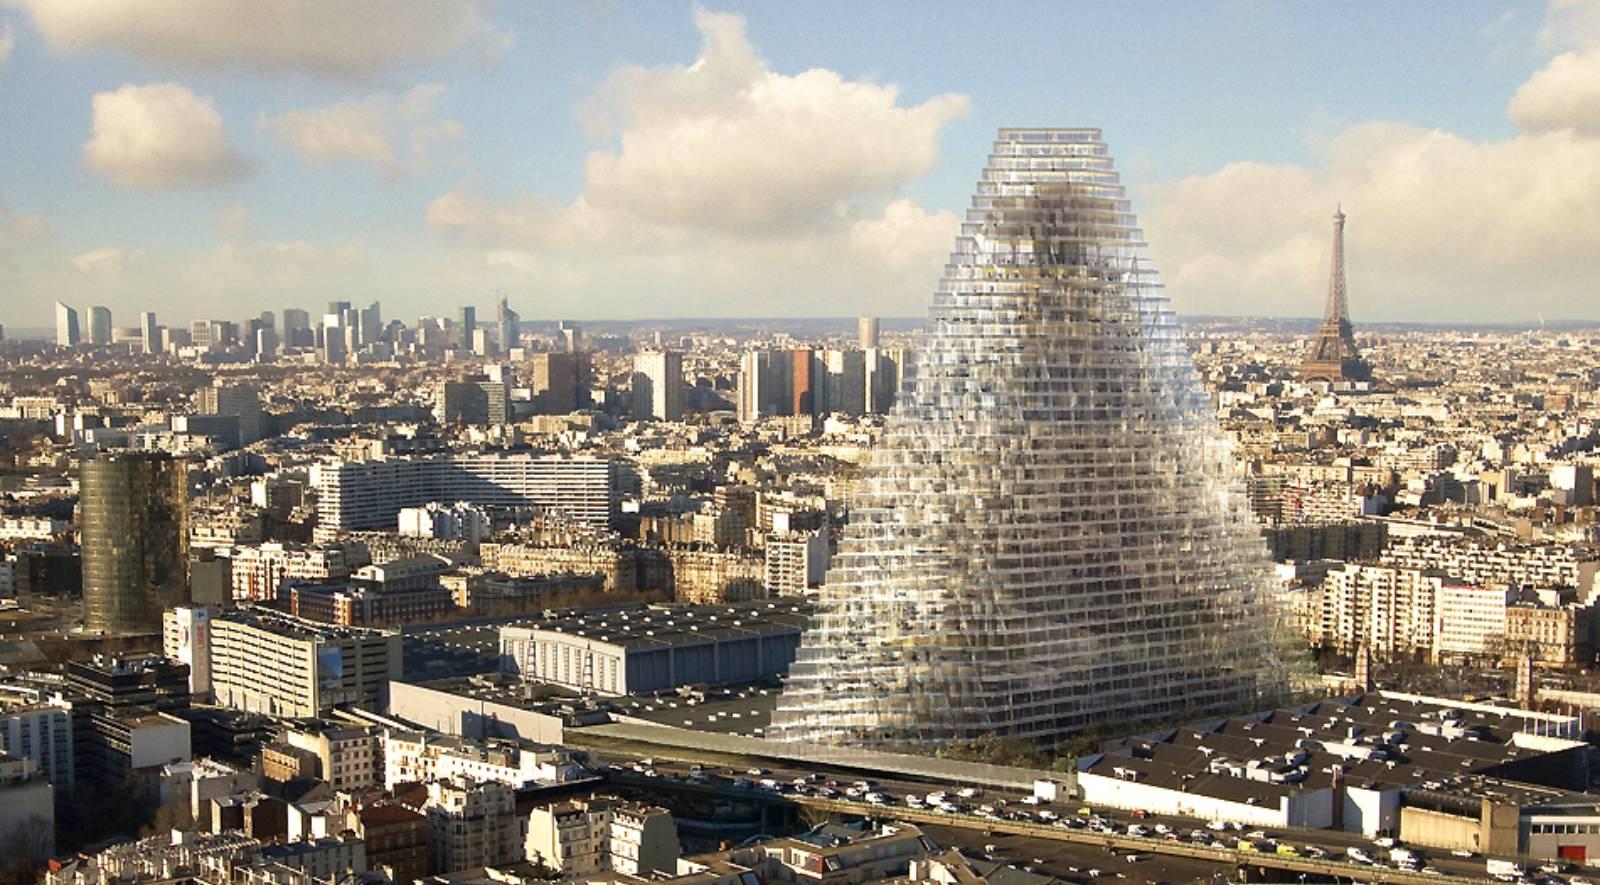 Paris-City-Hall-says-no-to-Triangle-Tours-by-Herzog-De-Meuron-00